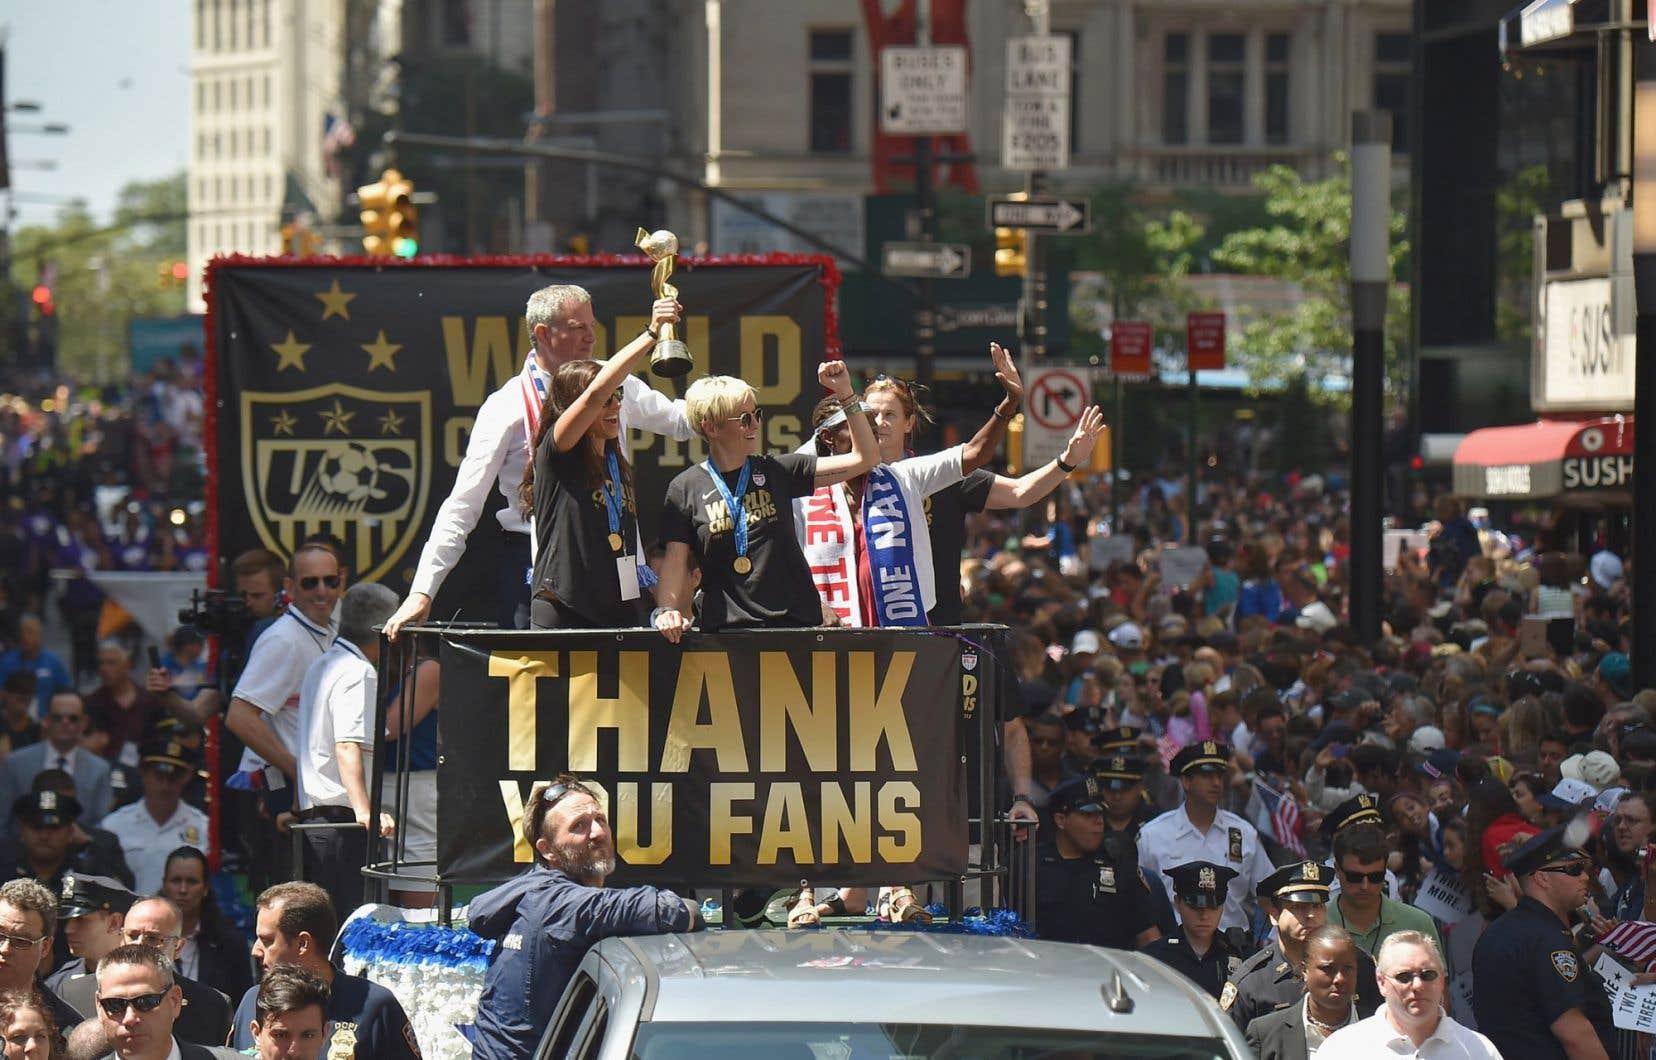 À la fin du défilé, chaque joueuse de l'équipe s'est vu remettre symboliquement les clés de la ville dans une cérémonie sur les marches de la mairie ponctuée de cris et d'applaudissements.